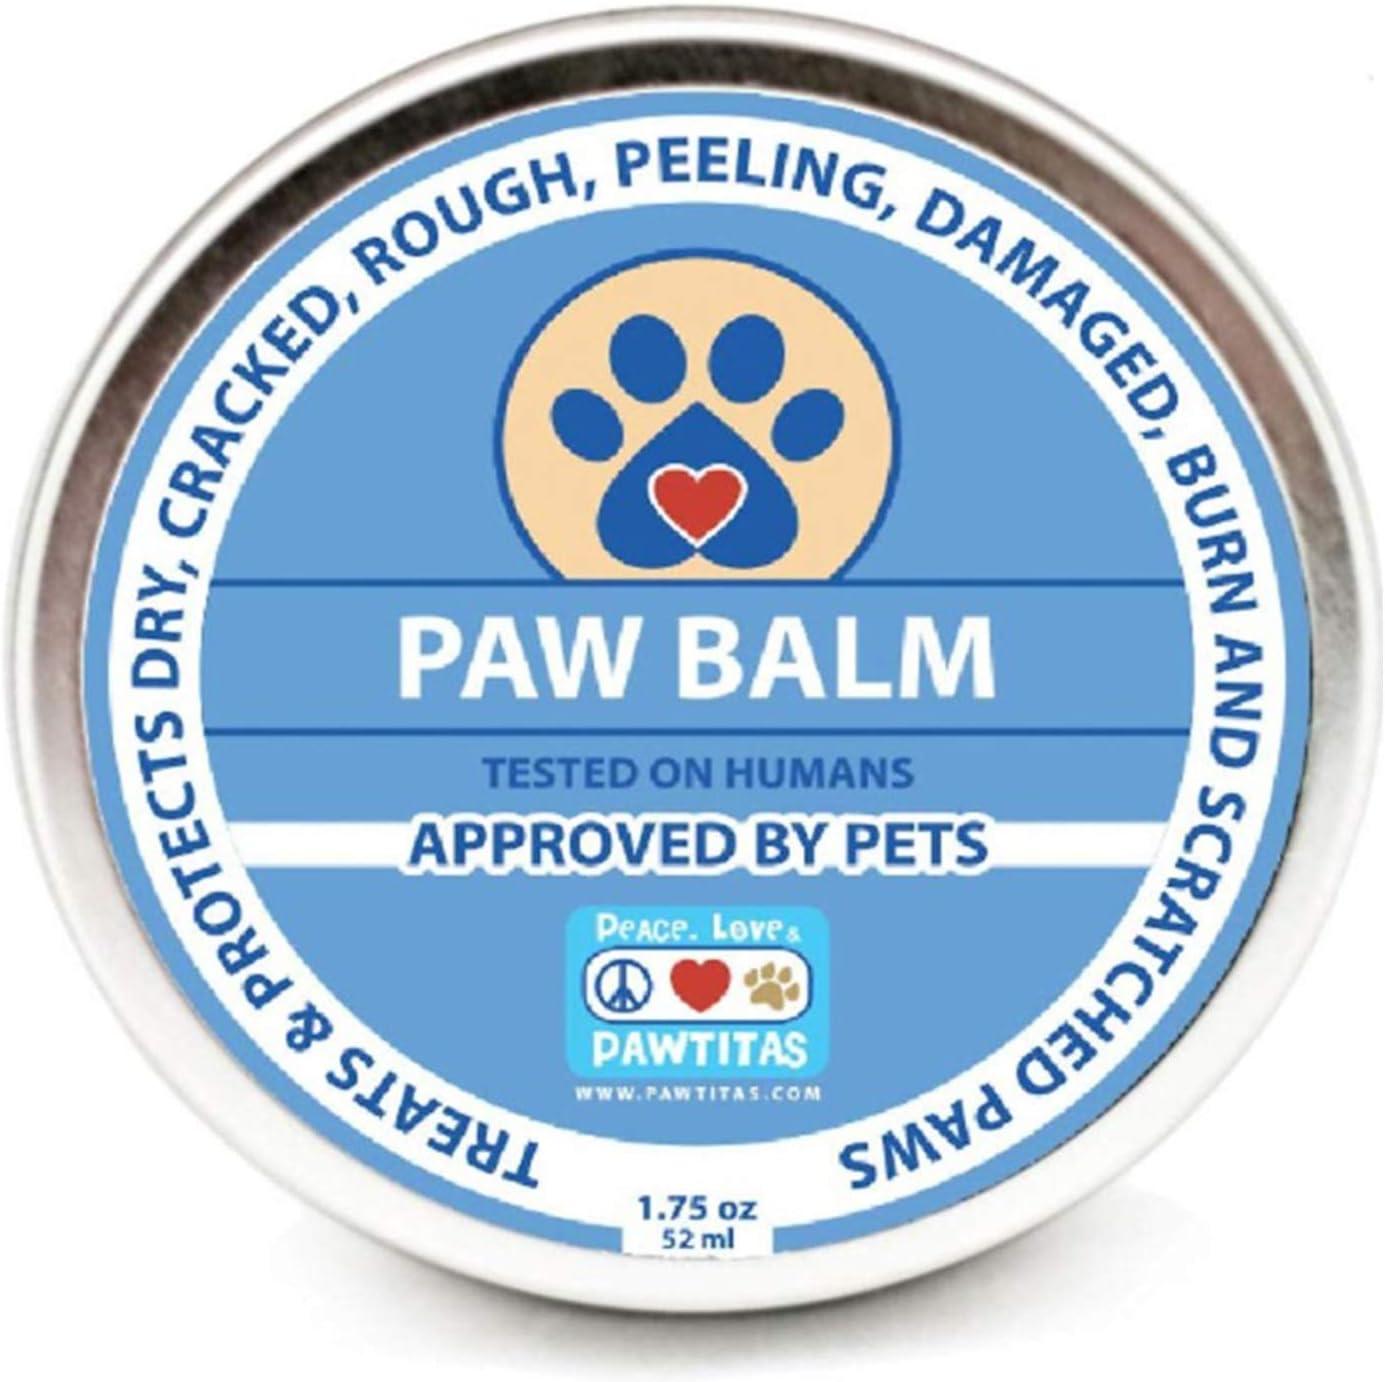 Pawtitas Balsamo para Perro con Cera Protectora para Almohadillas de Las Patas de tu Perro | Crema humectante para Las Almohadillas de tu Mascota Que Protege Las Patas agrietadas y secas - 52 ml